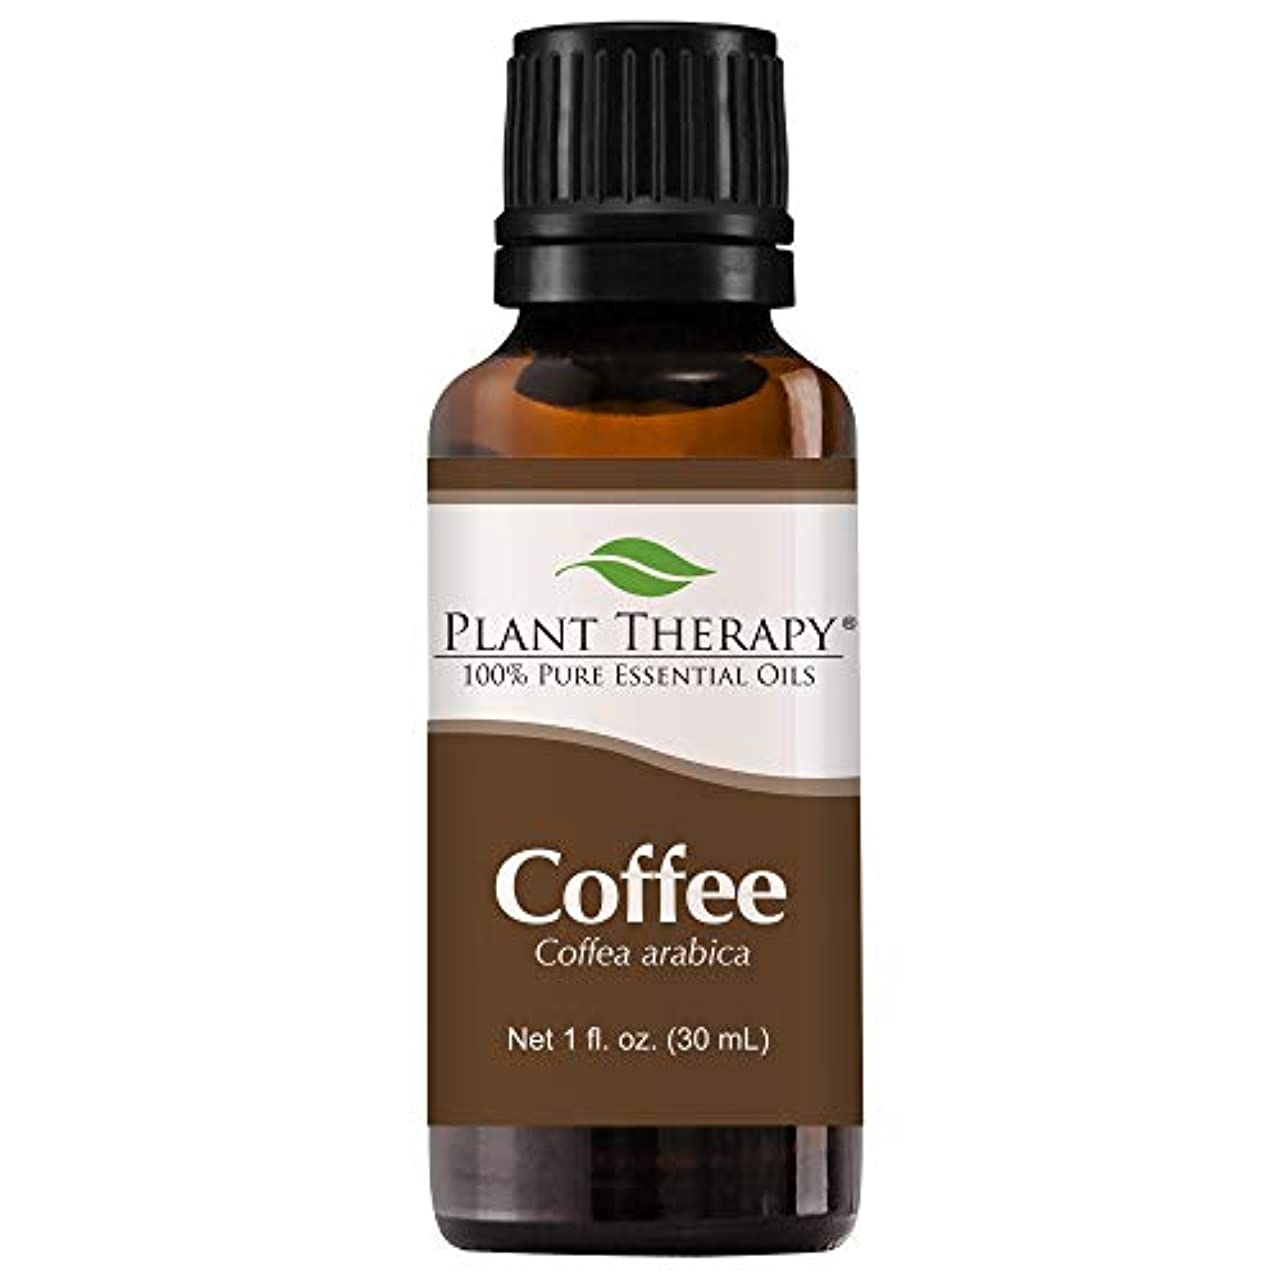 フィルタ不機嫌そうなアルミニウムCoffee Essential Oil. 30 ml (1 oz). 100% Pure, Undiluted, Therapeutic Grade. by Plant Therapy Essential Oils